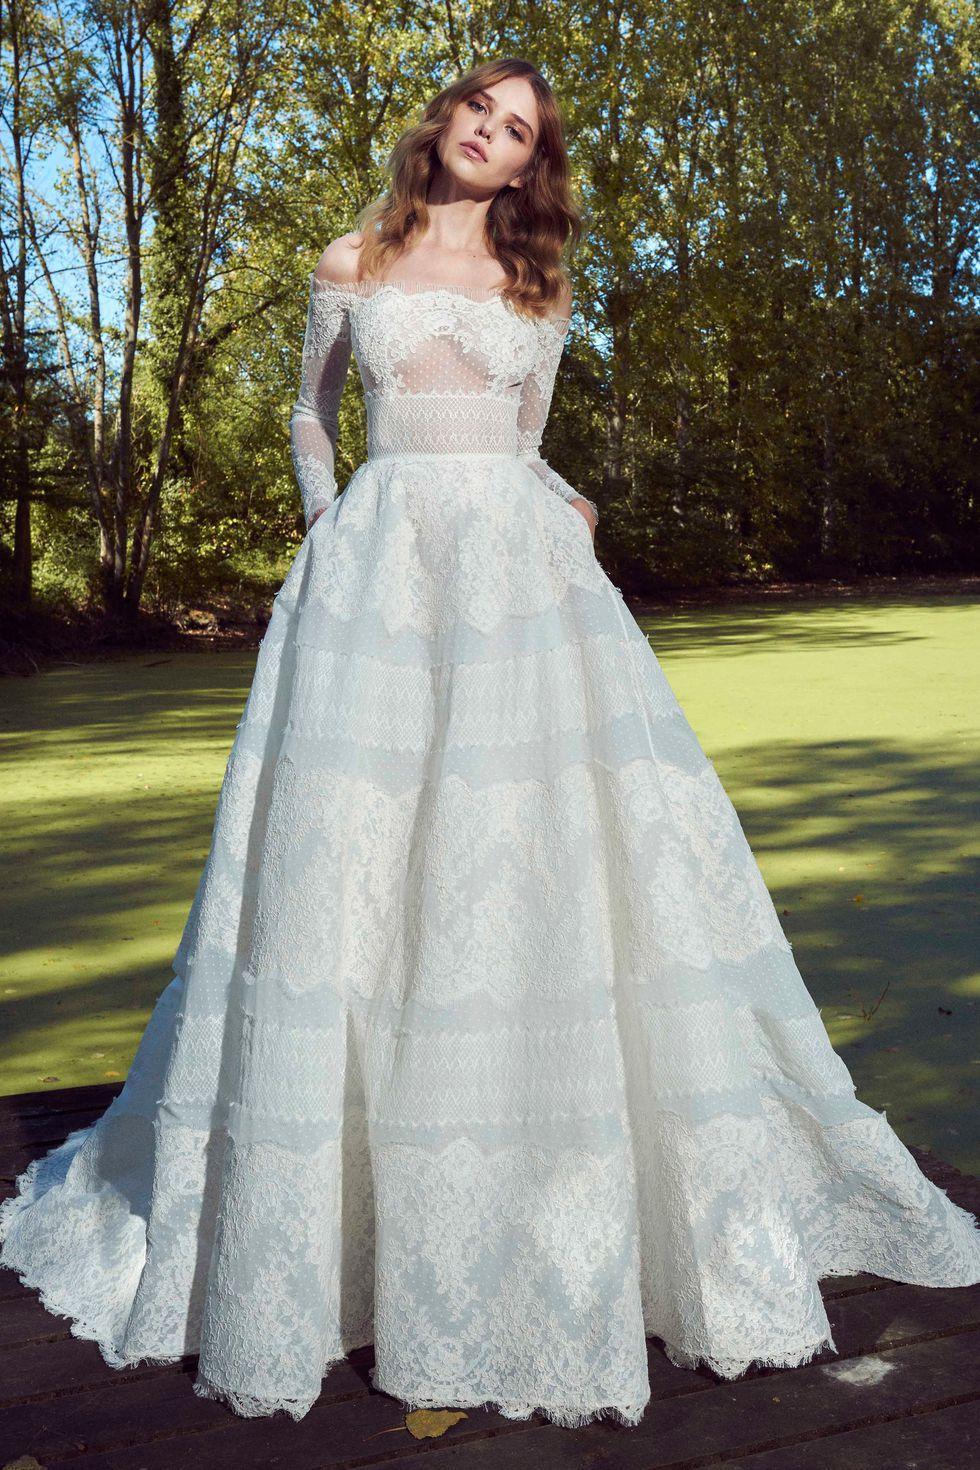 Thiết kế váy cưới phối ren của nhà mốt Zuhair Murad trong bộ sưu tập mùa Thu năm 2019.